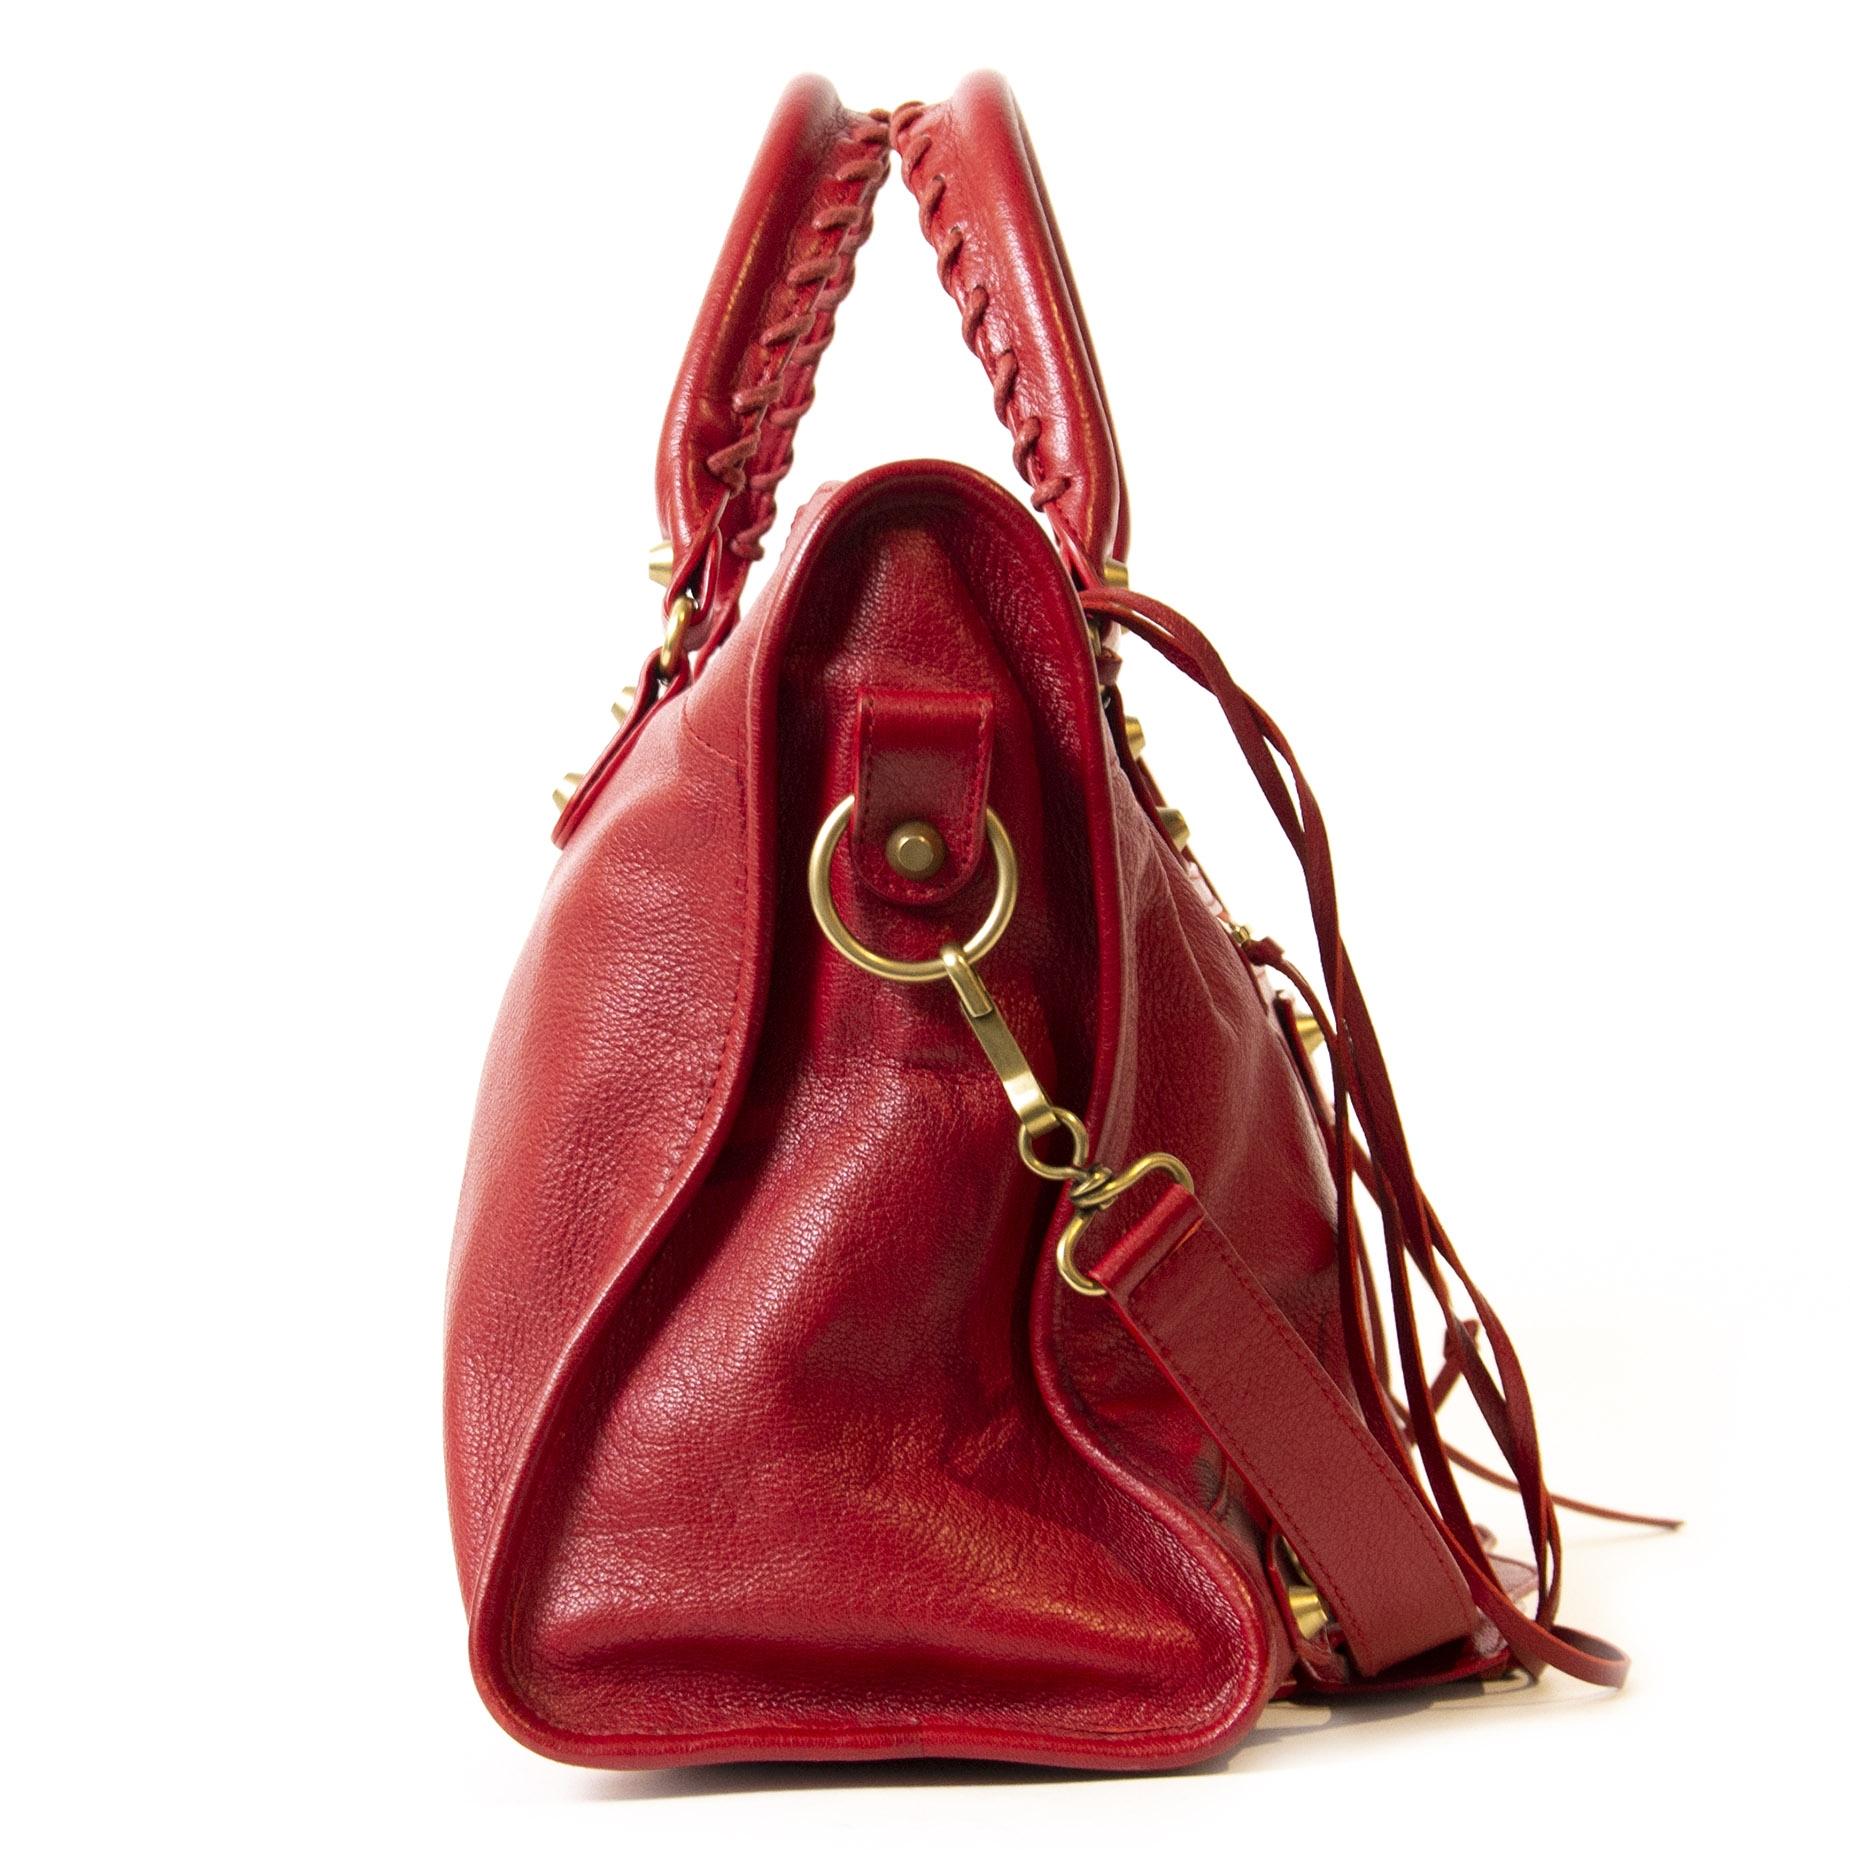 Authentieke Tweedehands Balenciaga Red Leather City Bag juiste prijs veilig online shoppen winkelen Antwerpen België mode fashion luxe merken